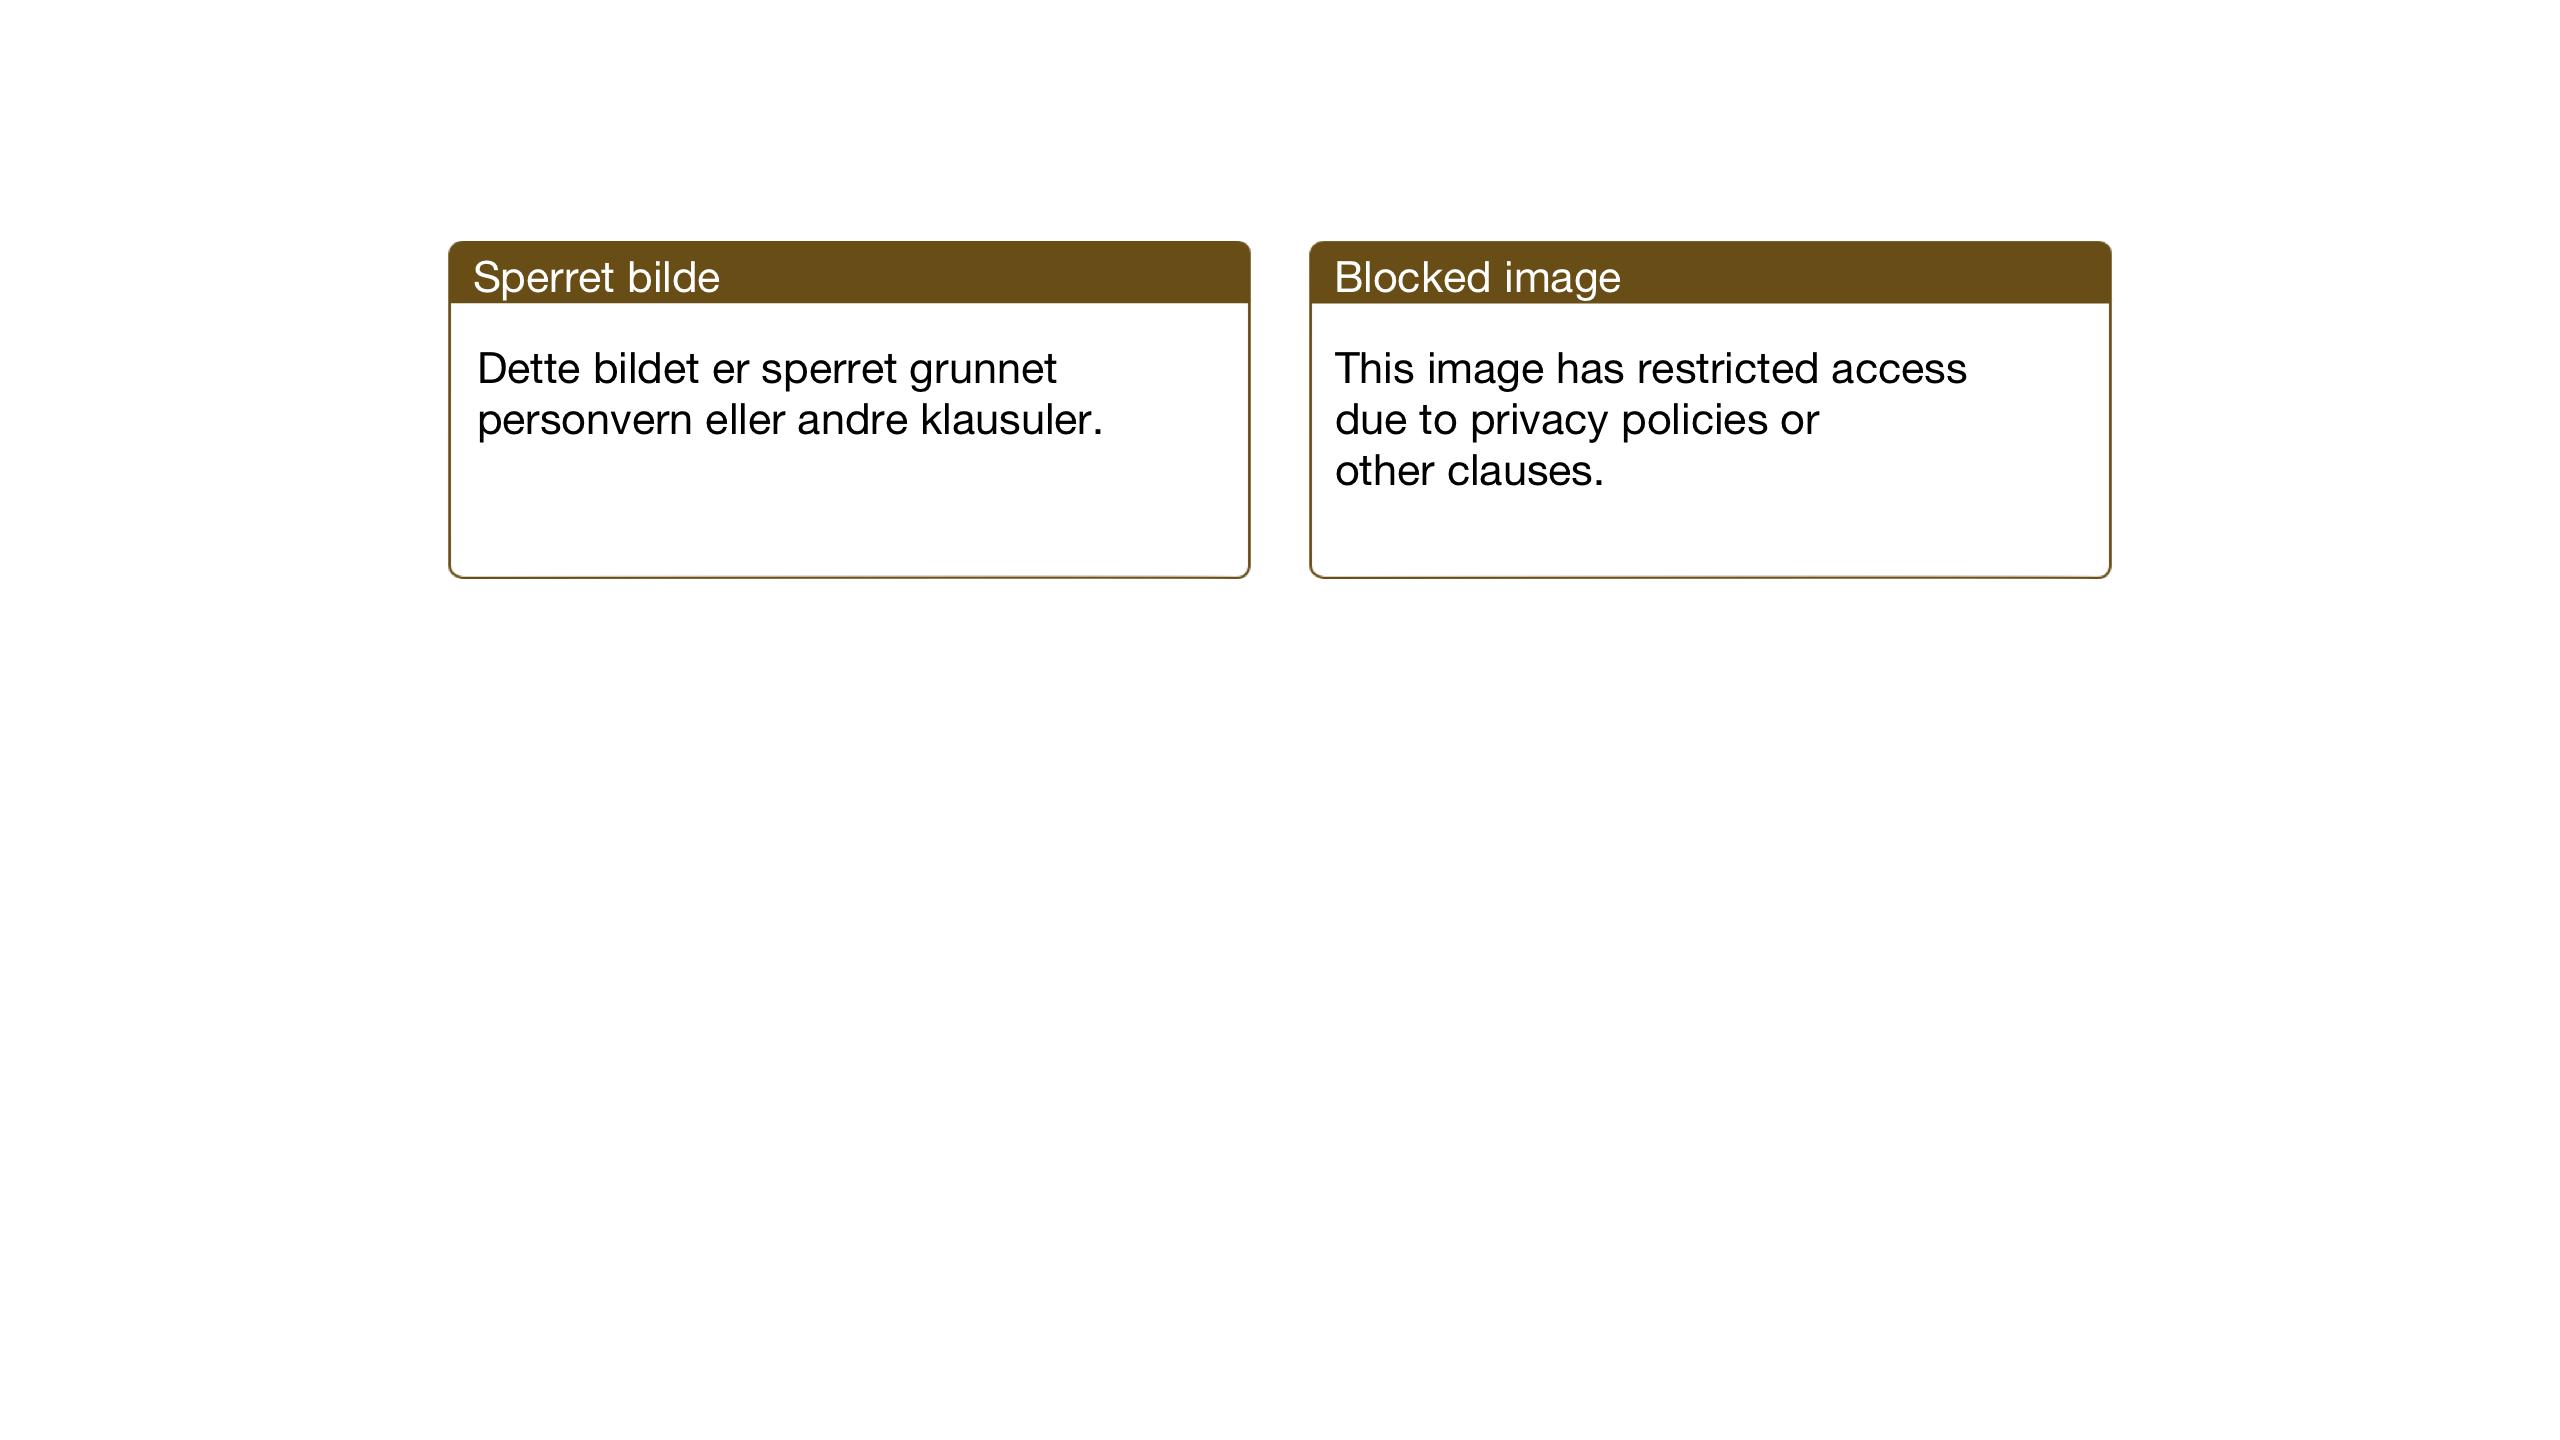 SAT, Ministerialprotokoller, klokkerbøker og fødselsregistre - Sør-Trøndelag, 604/L0228: Klokkerbok nr. 604C11, 1928-1950, s. 166